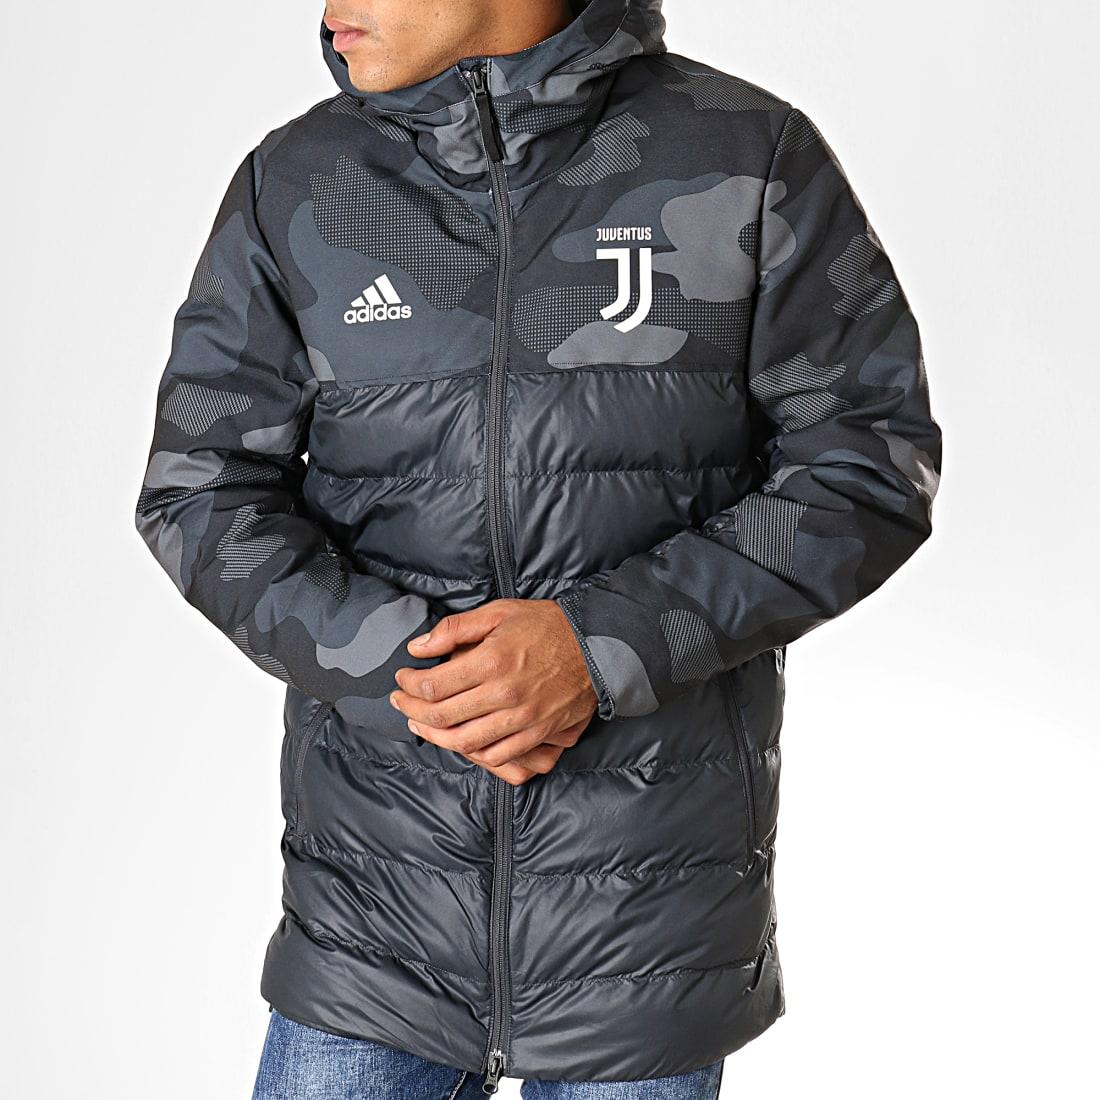 adidas Doudoune A Capuche Juventus DX9202 Gris Anthracite